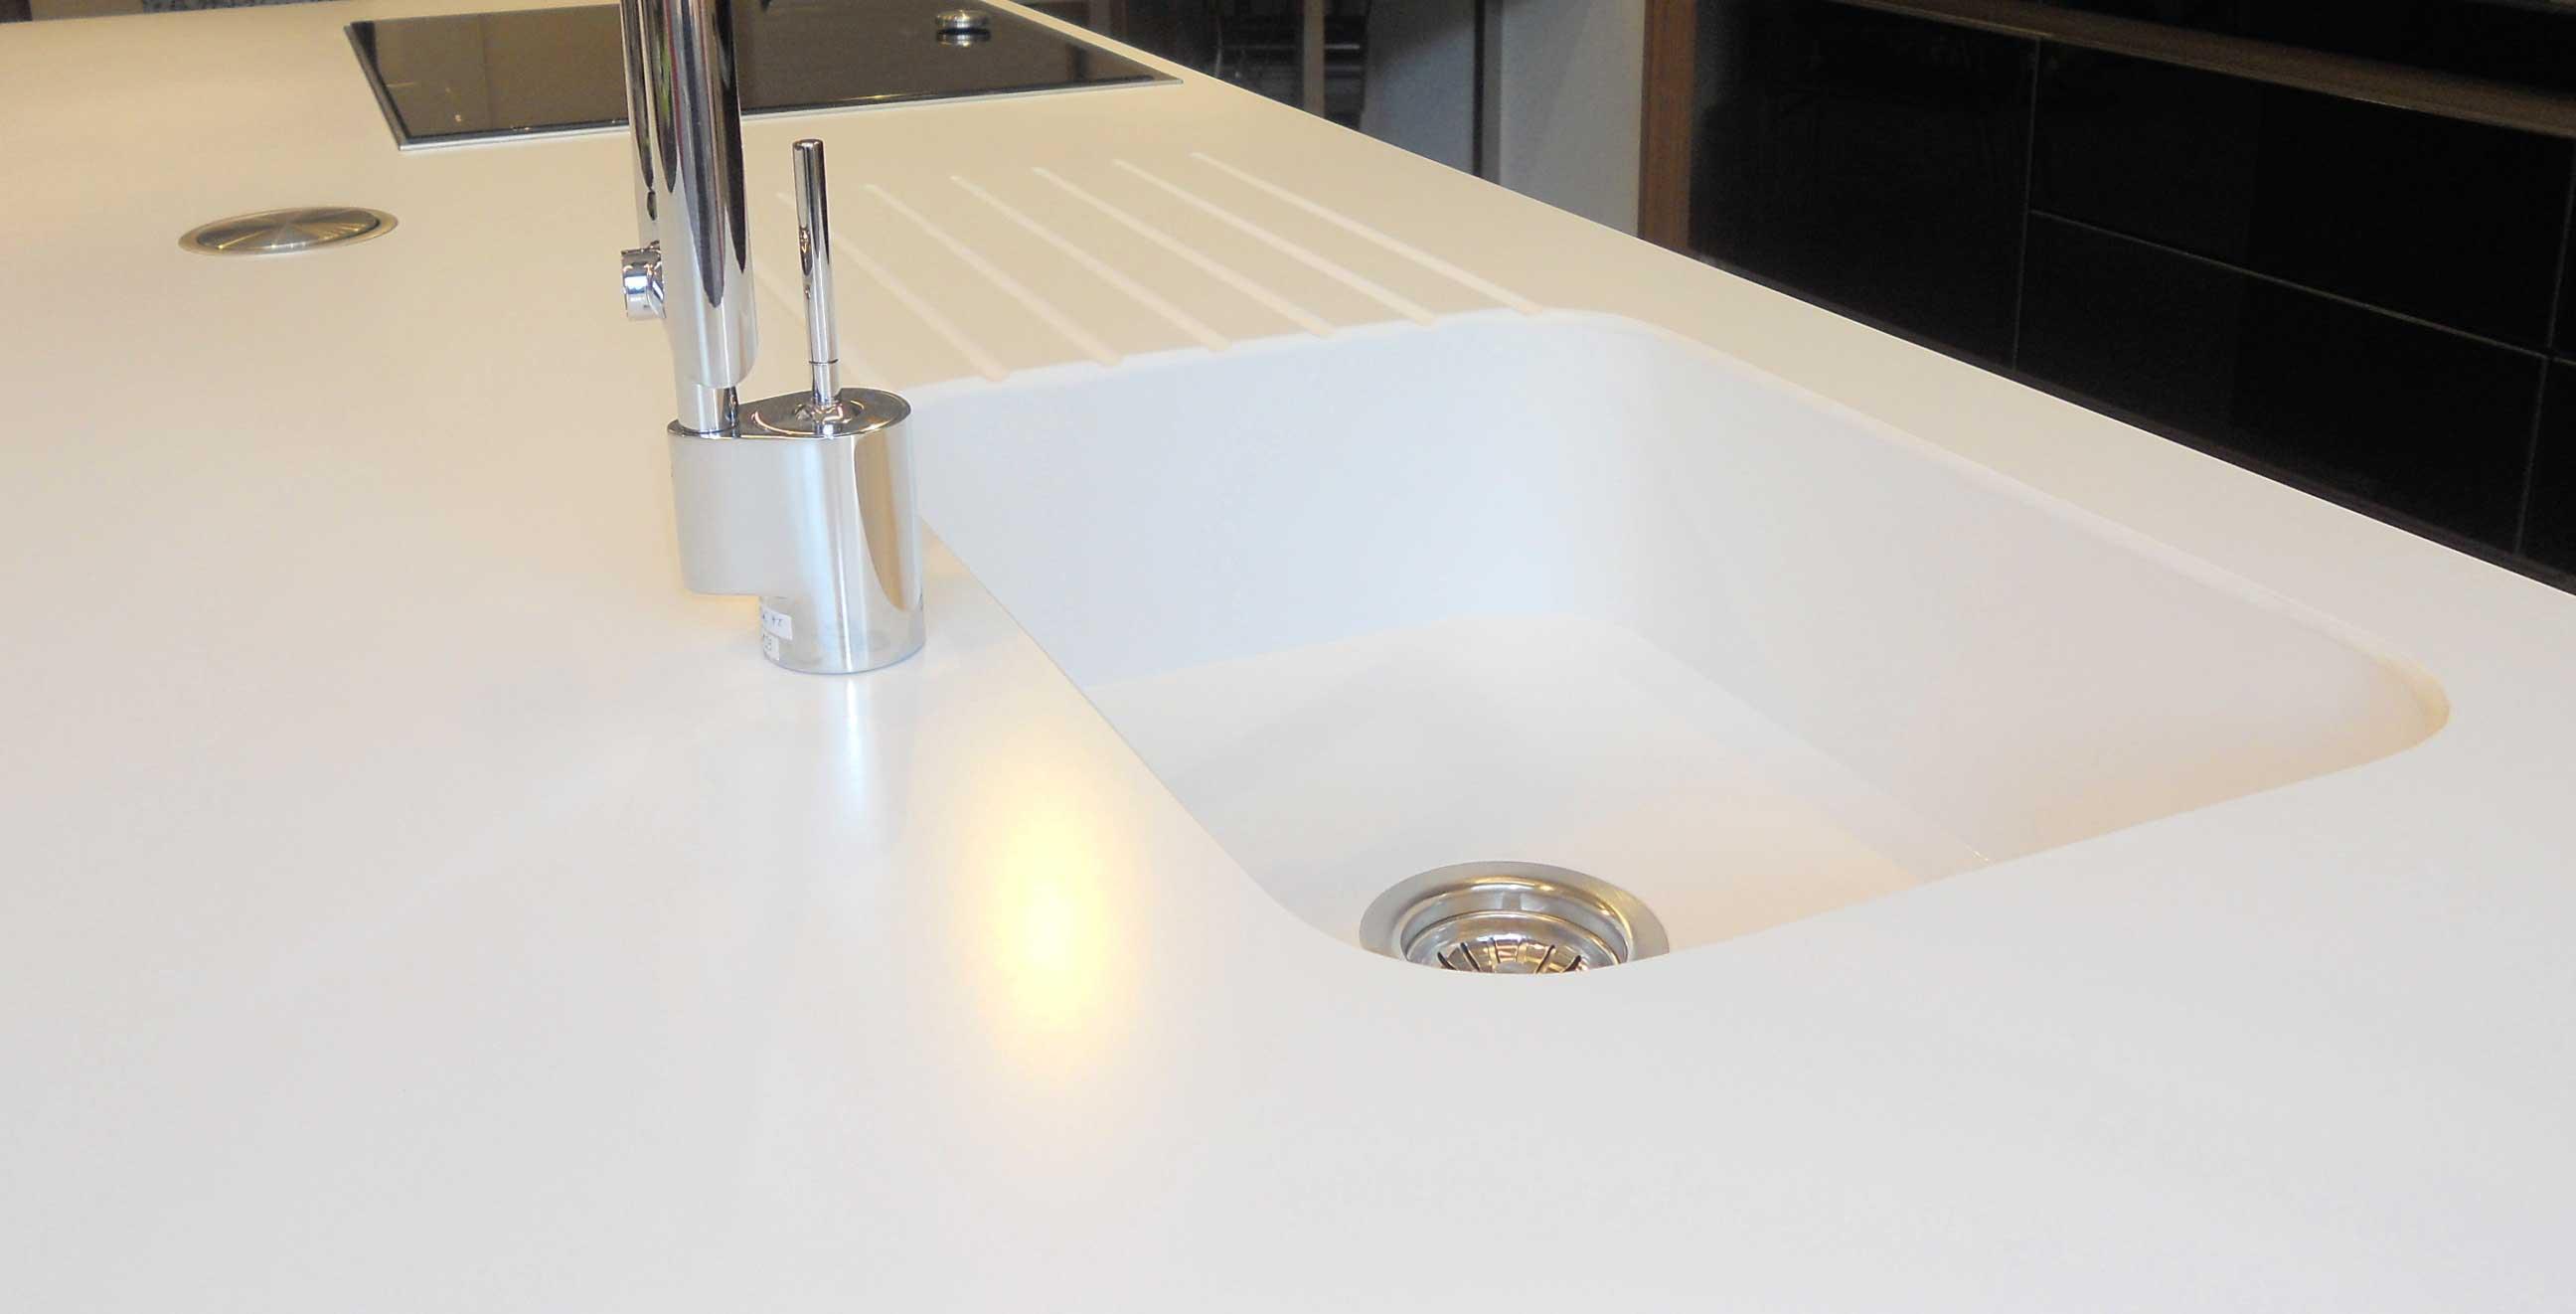 Plan Travail En Quartz cuisine marbrerie décoration plan de travail quartz, granit